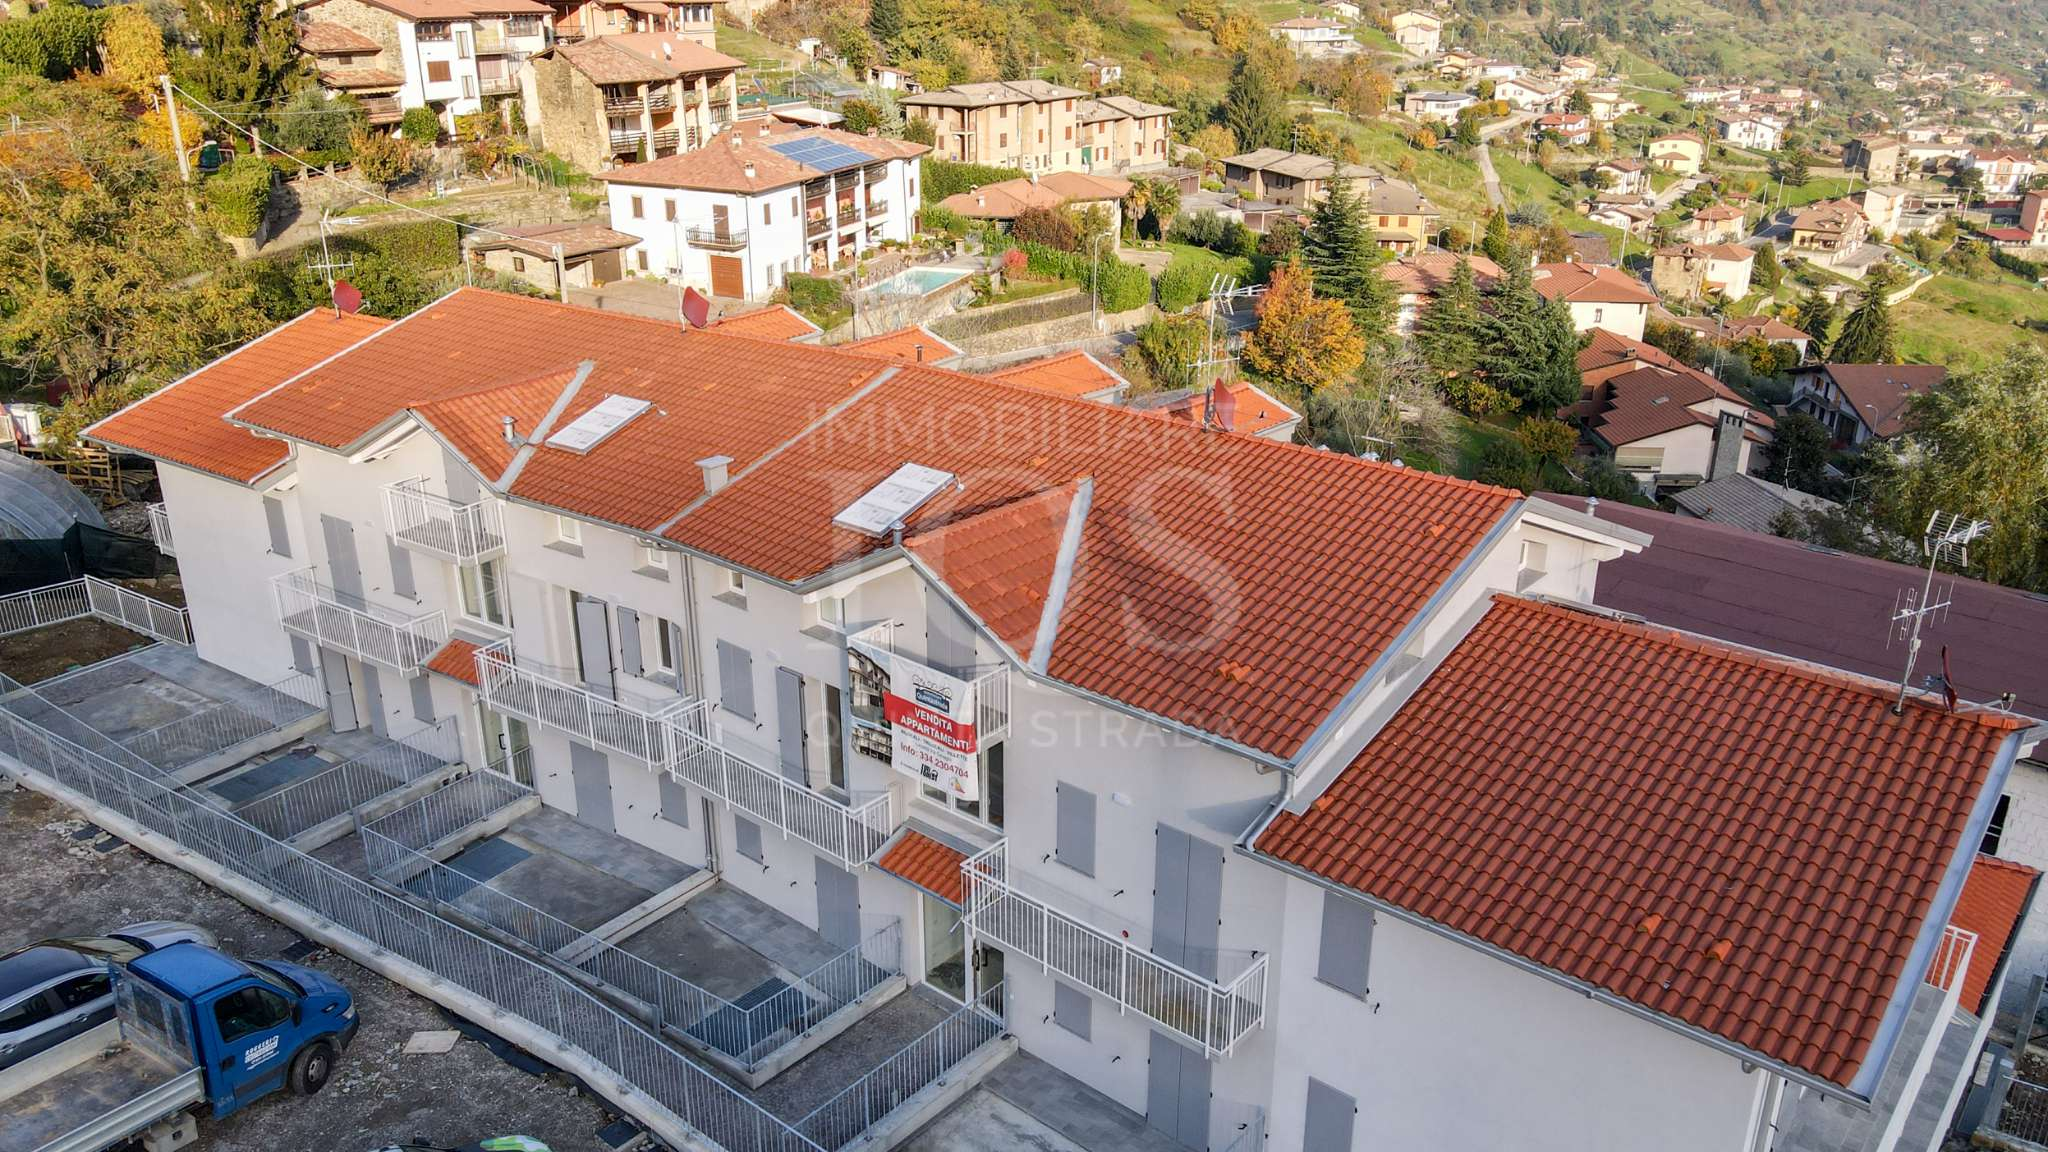 Appartamento in vendita a Foresto Sparso, 2 locali, prezzo € 79.000 | PortaleAgenzieImmobiliari.it